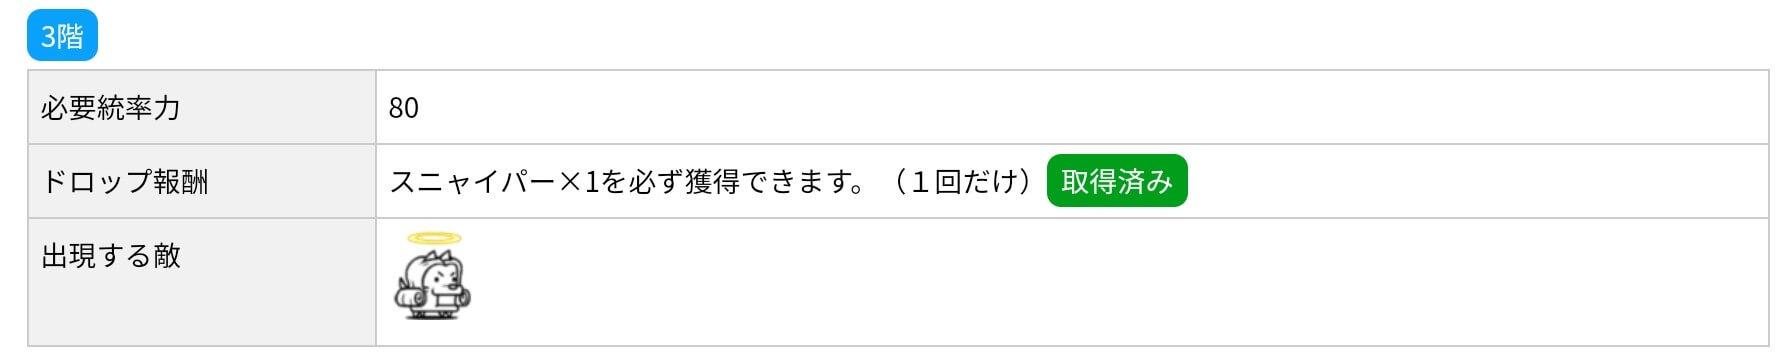 にゃんこ別塔(天)3階 敵編成